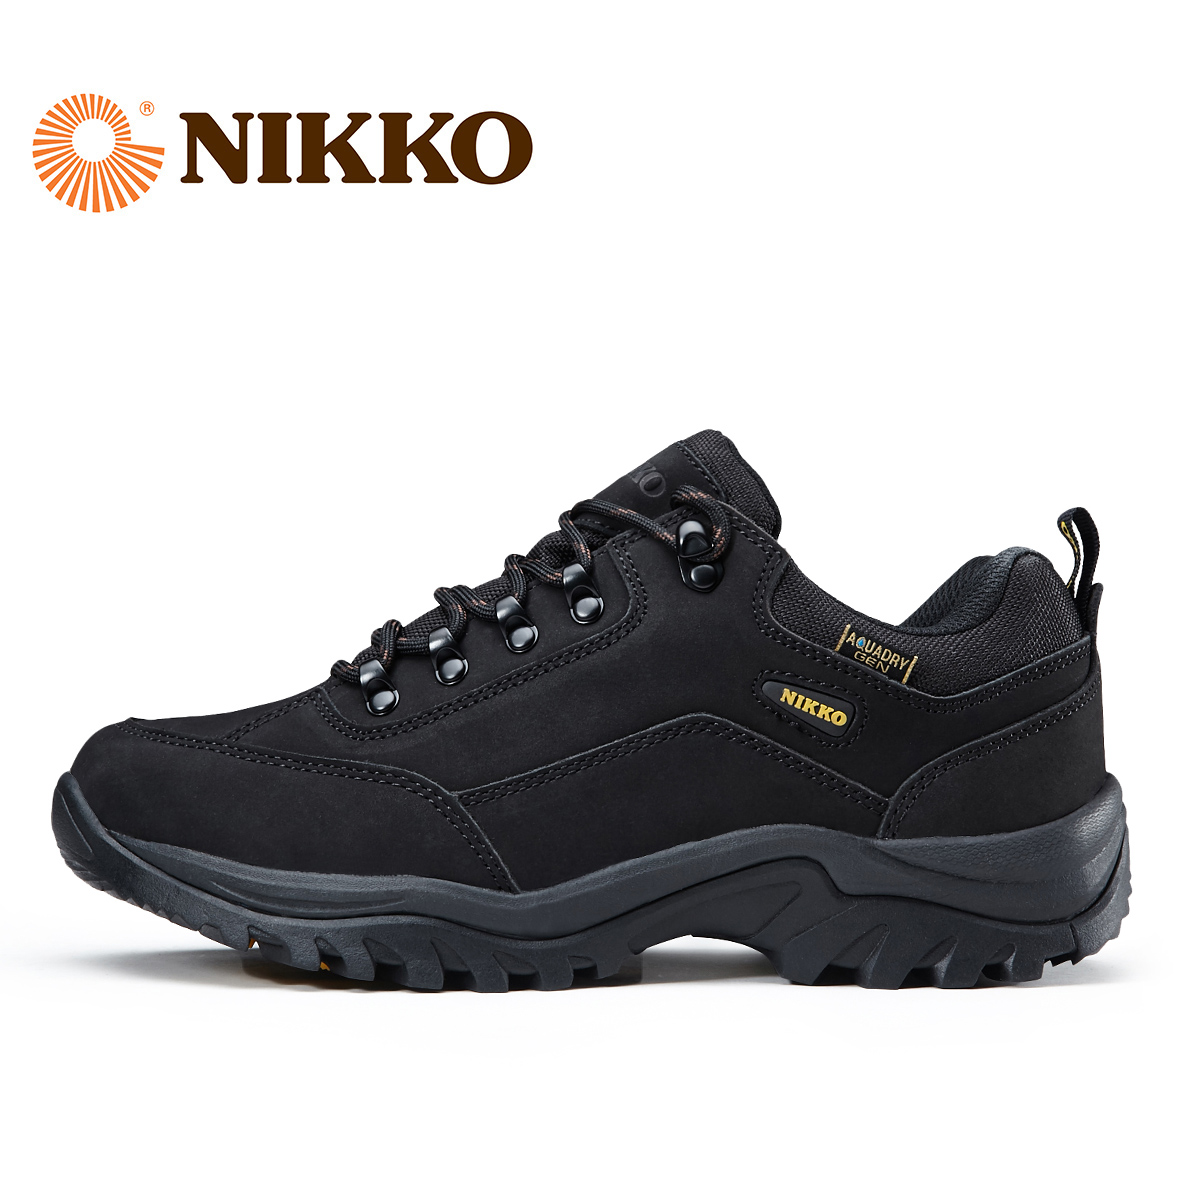 Nikko日高鞋防水登山鞋男秋冬户外鞋女防滑耐磨徒步鞋男士爬山鞋 - 封面